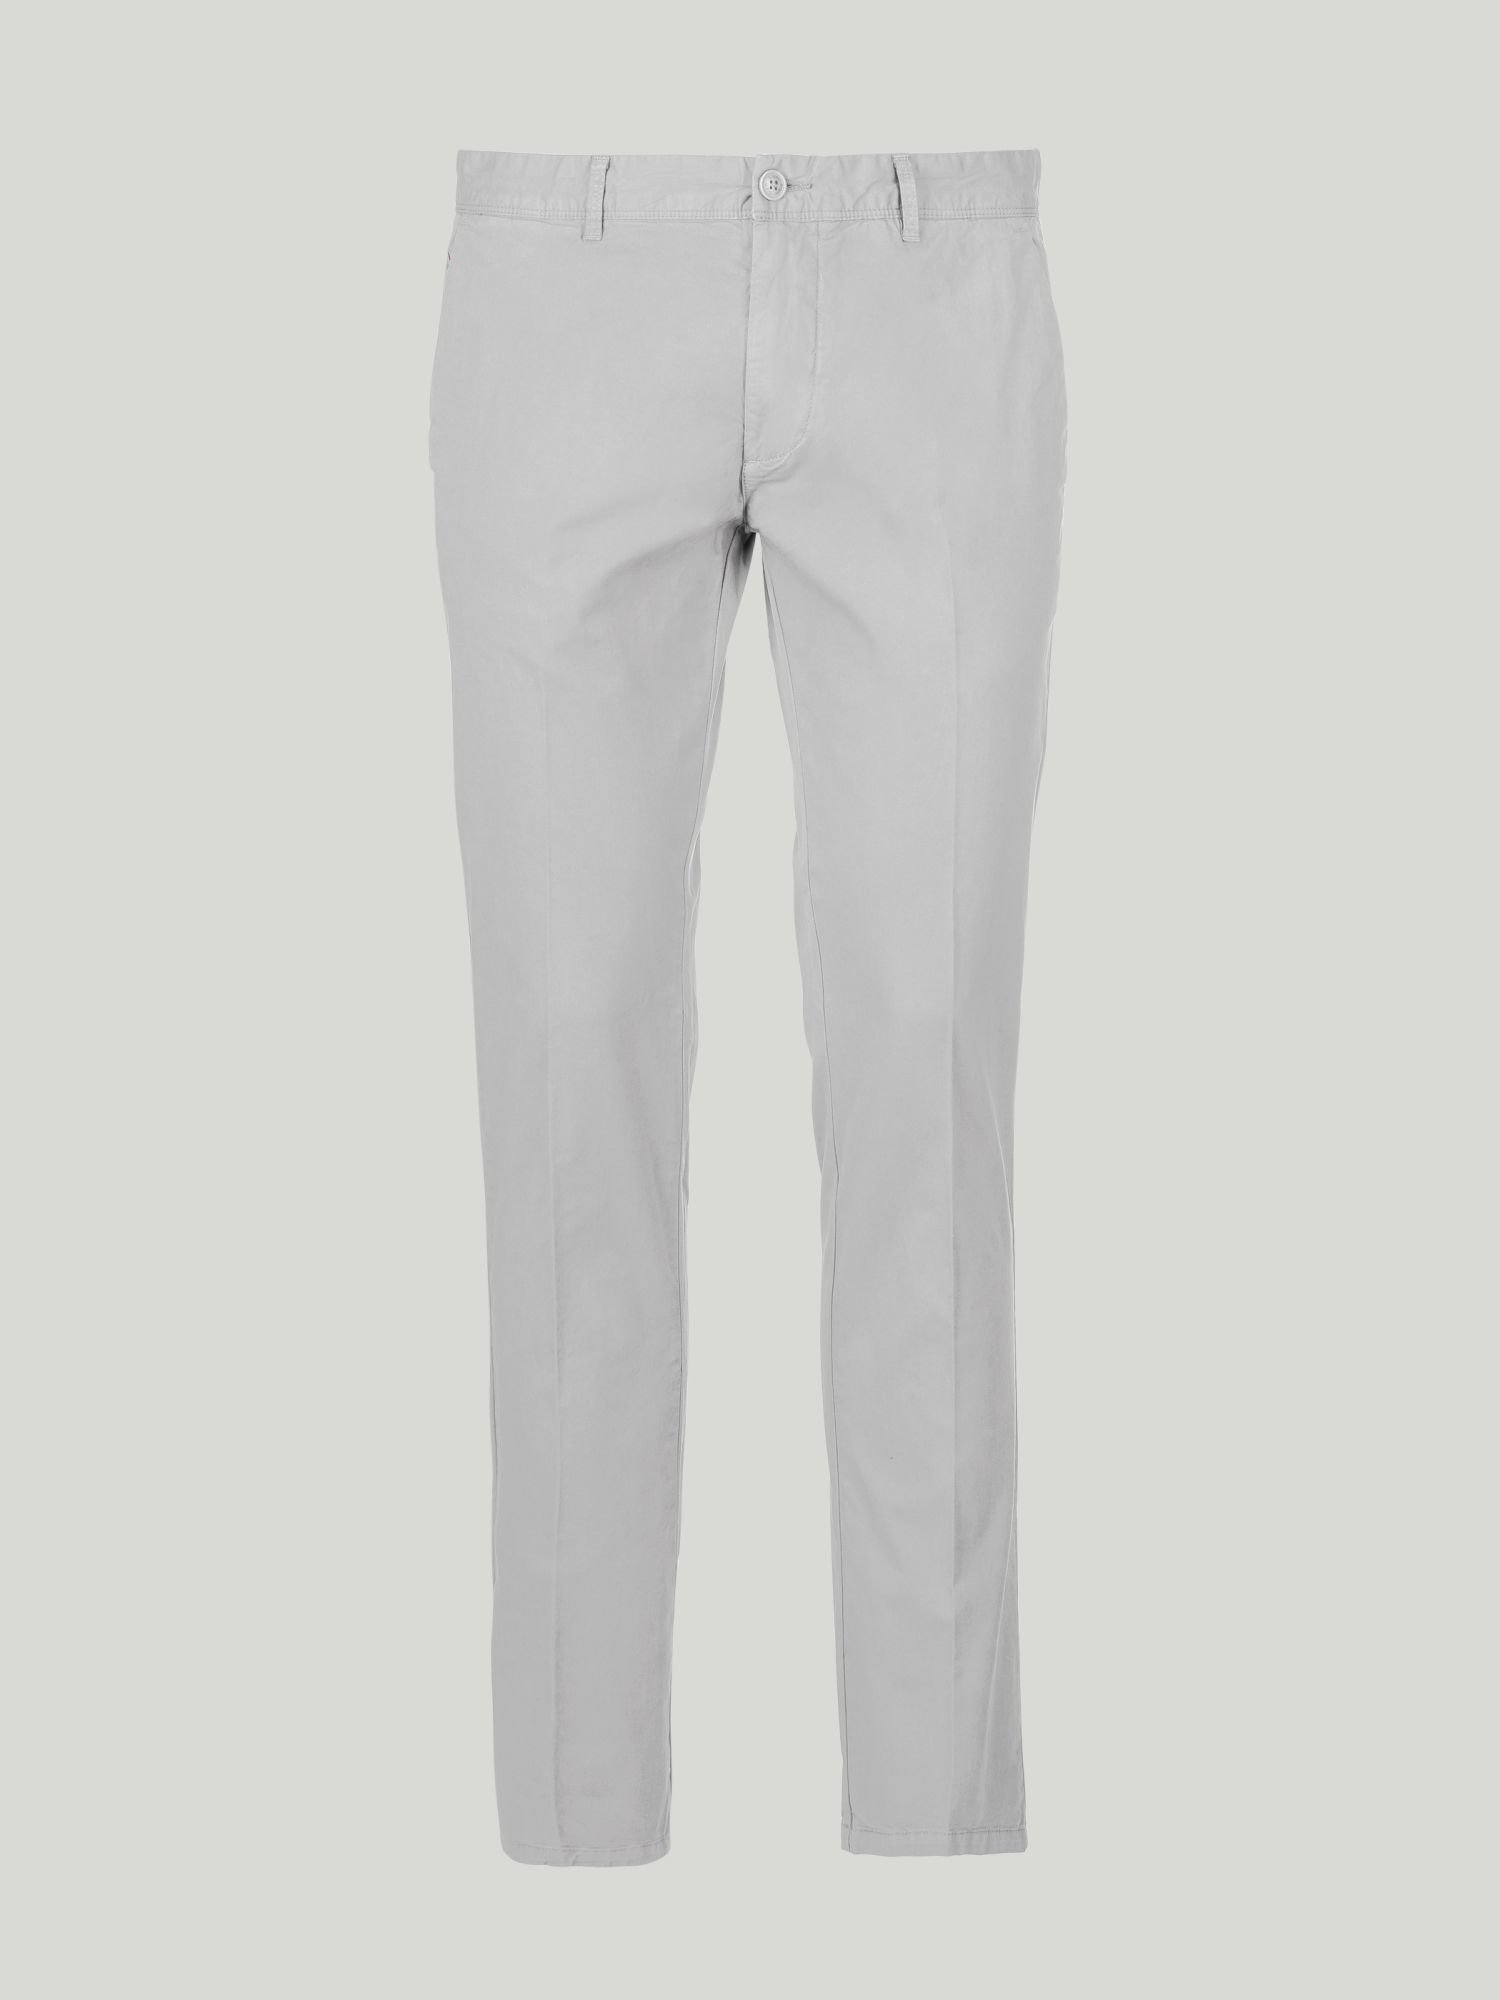 Berth Trousers - Gris Niebla